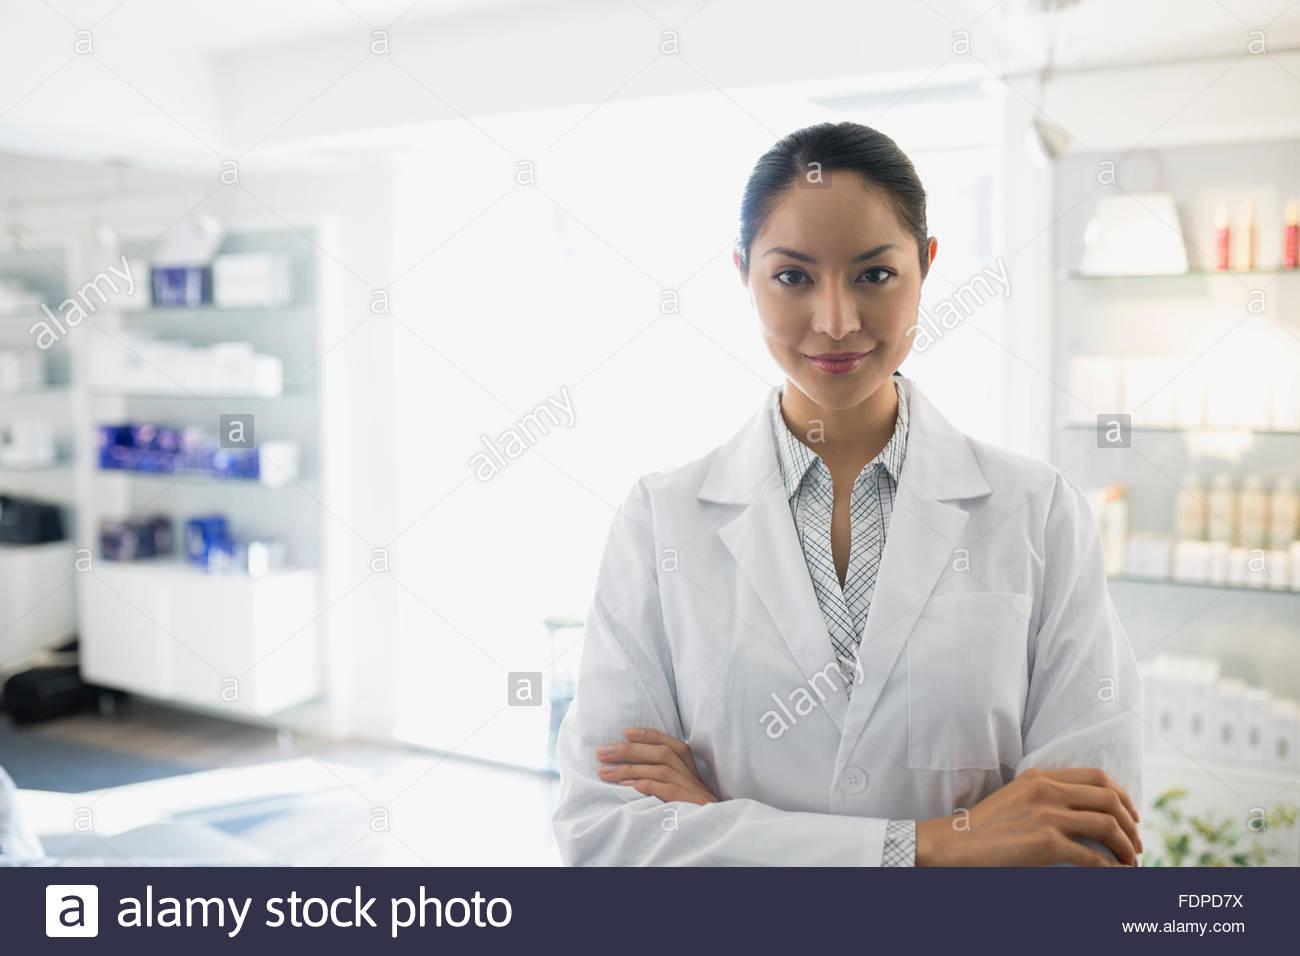 Ritratto fiducioso ufficio medici 25-29 anni Immagini Stock